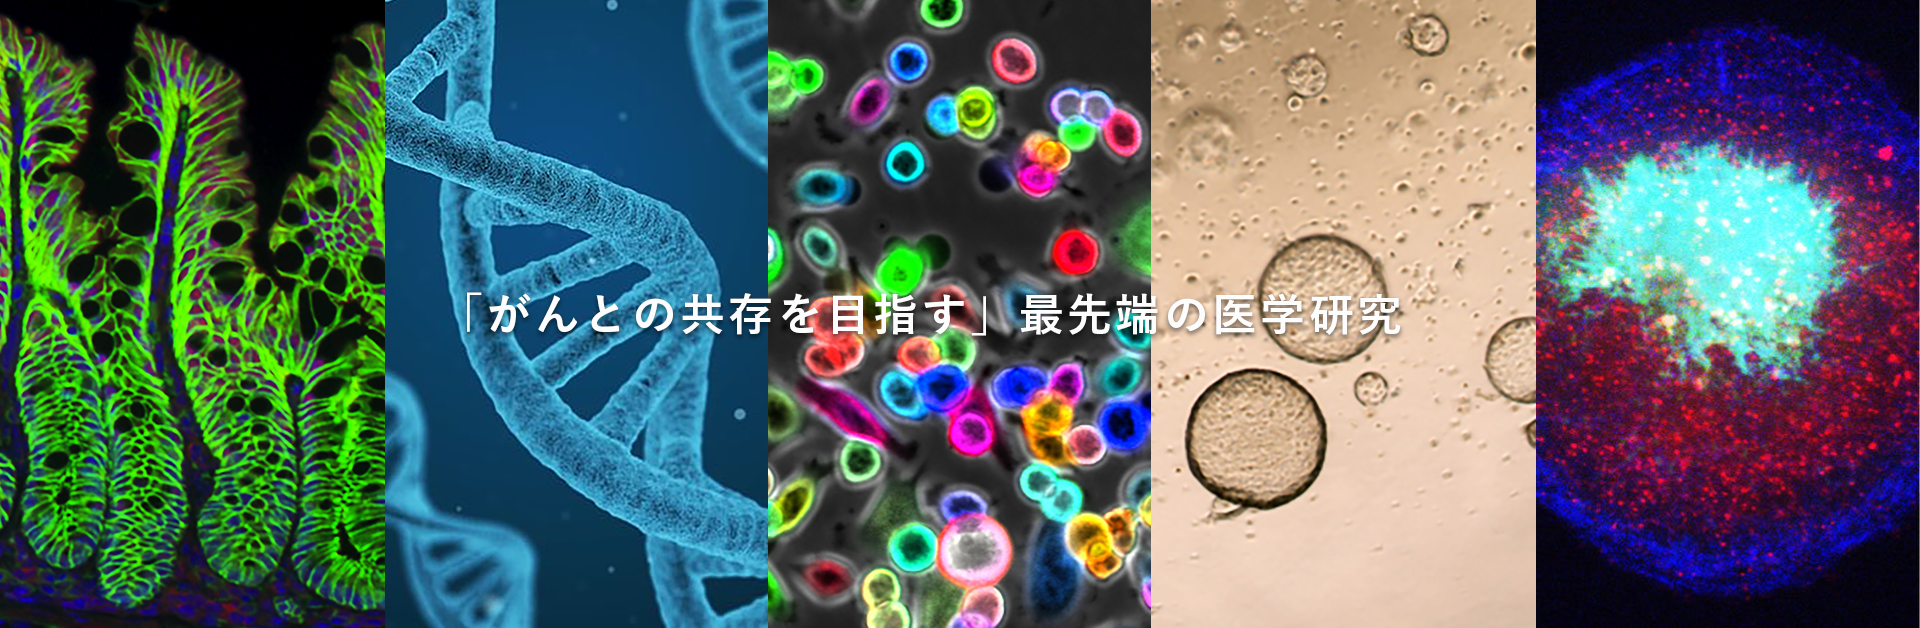 「がんとの共存を目指す」最先端の医学研究